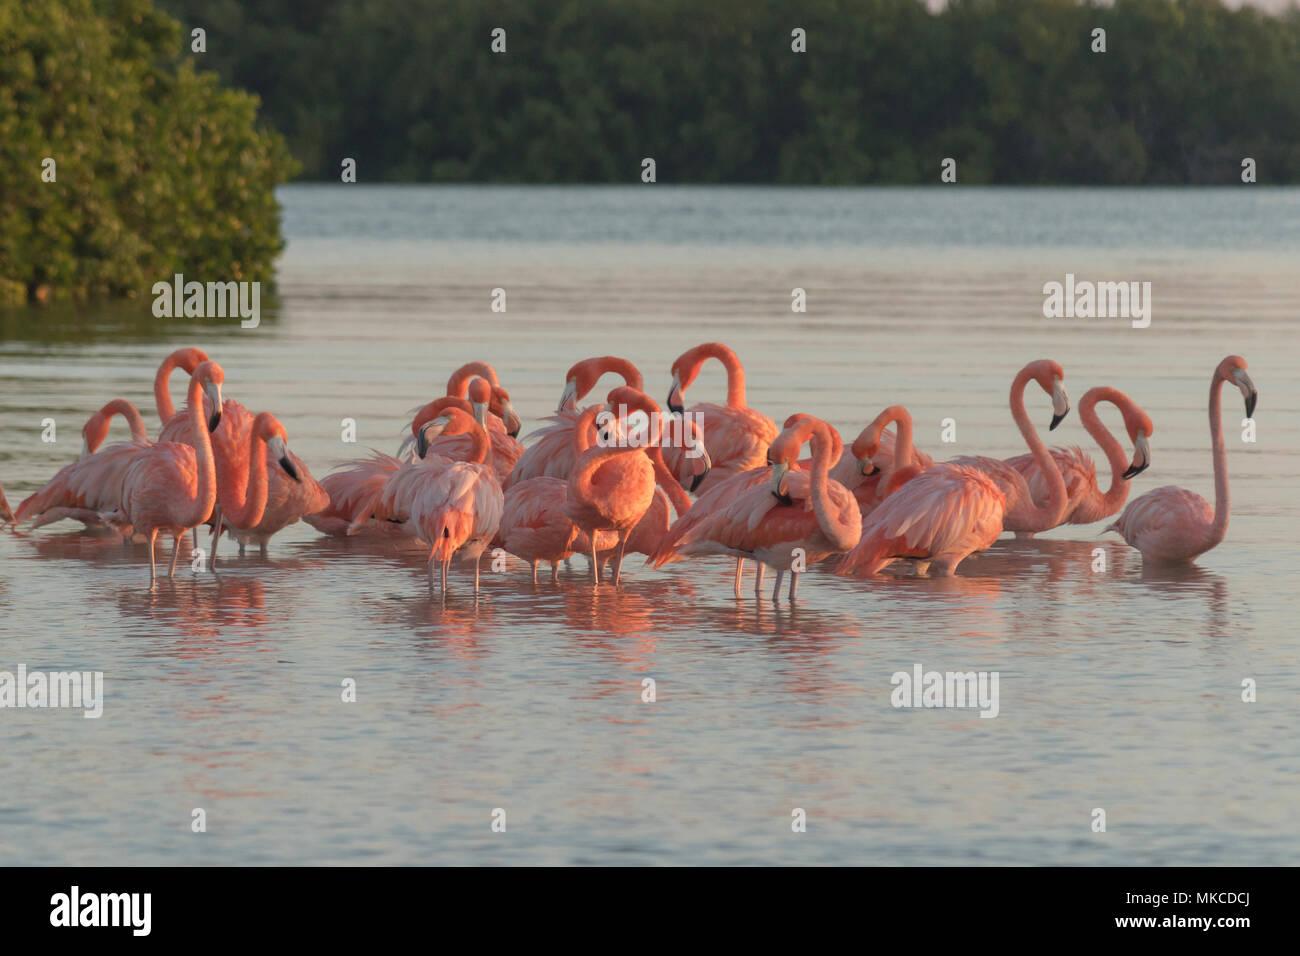 Los flamencos rosados familia en amanecer , se reúnen antes de ponerse en marcha para comenzar su día en el río Imagen De Stock